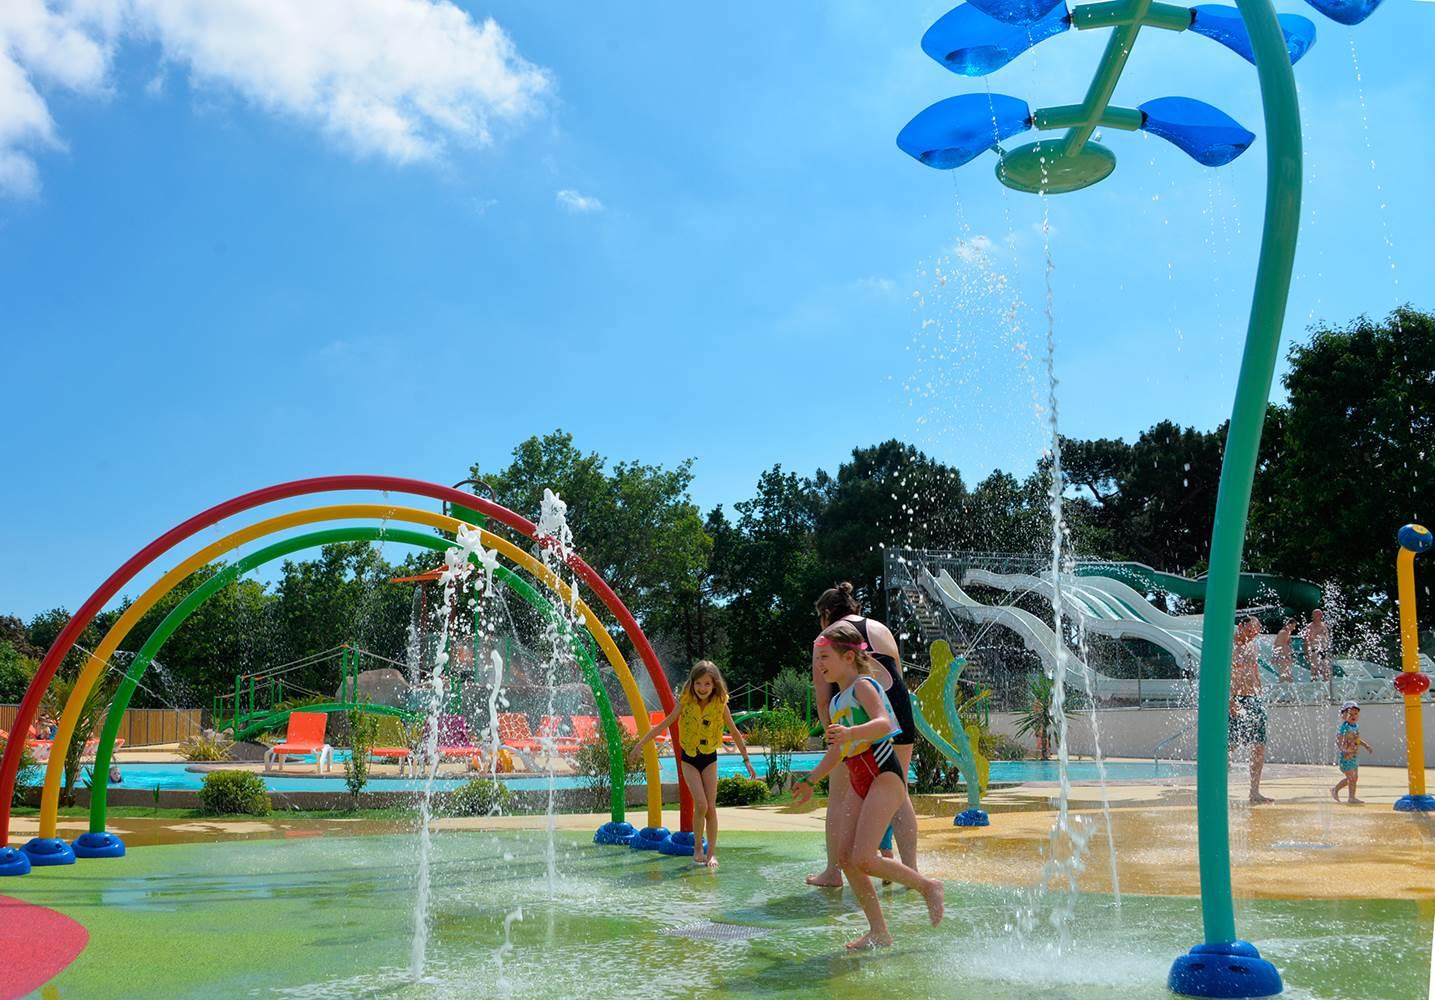 Des heures de plaisir au nouveau parc aqualudique ©